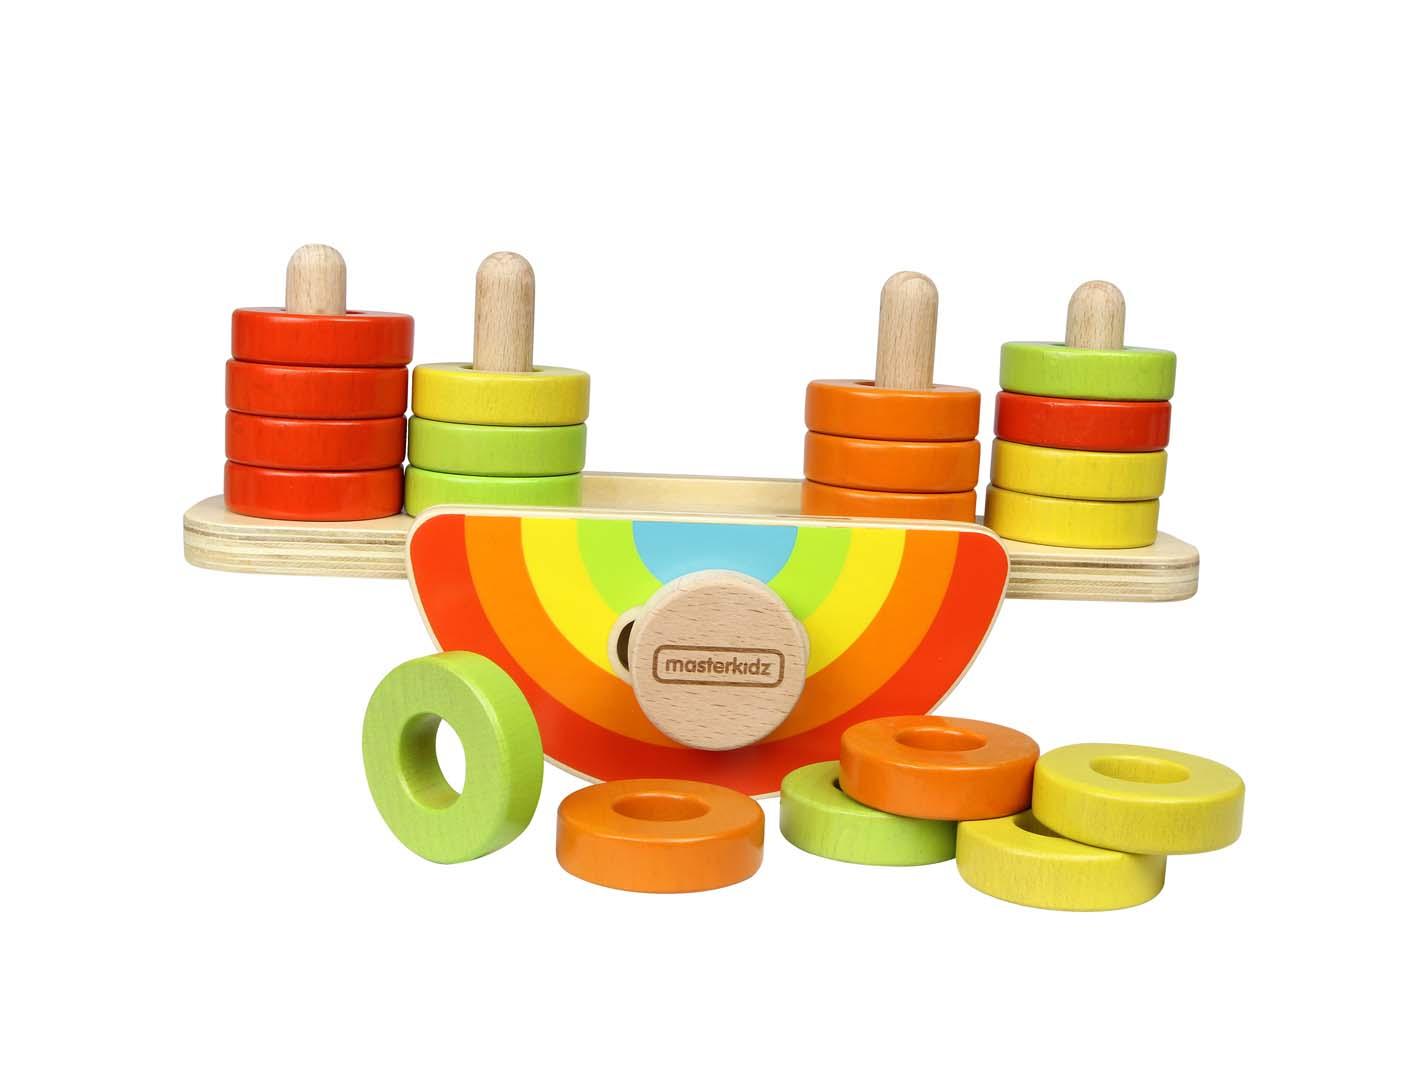 Joc de balans cu piese colorate, din lemn, +18 luni, Masterkidz imagine